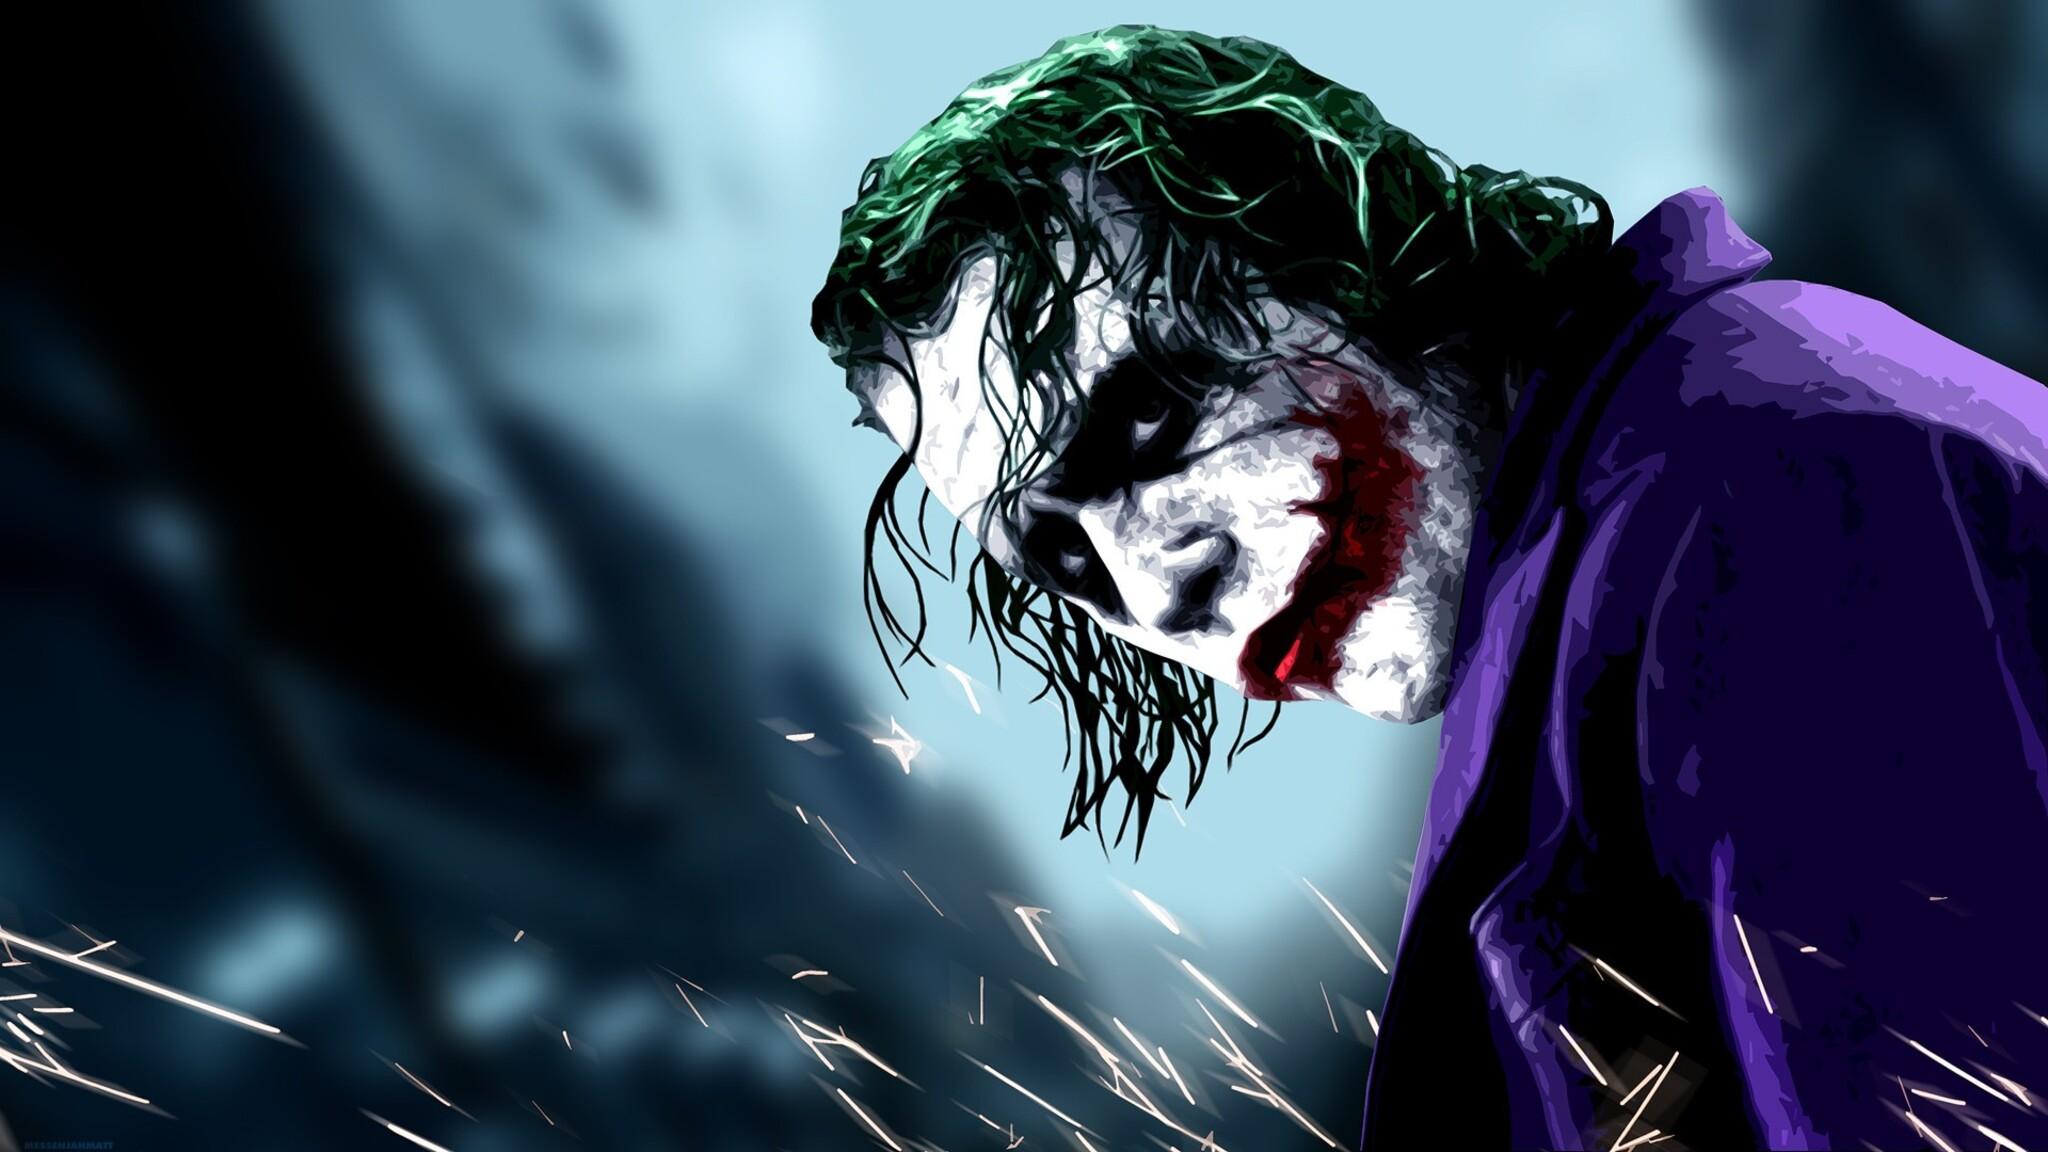 Wallpaper download joker - Joker Hd 4k Jpg